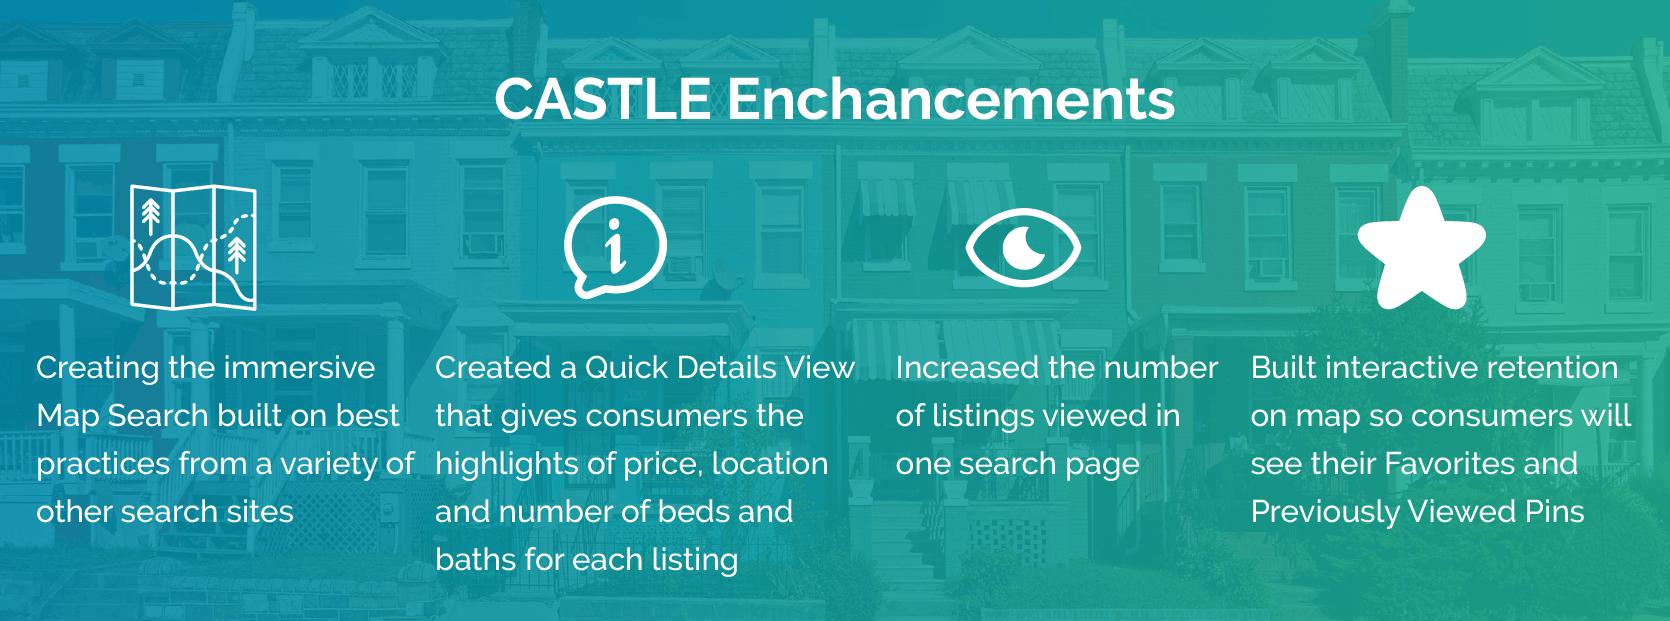 Castle-enhance